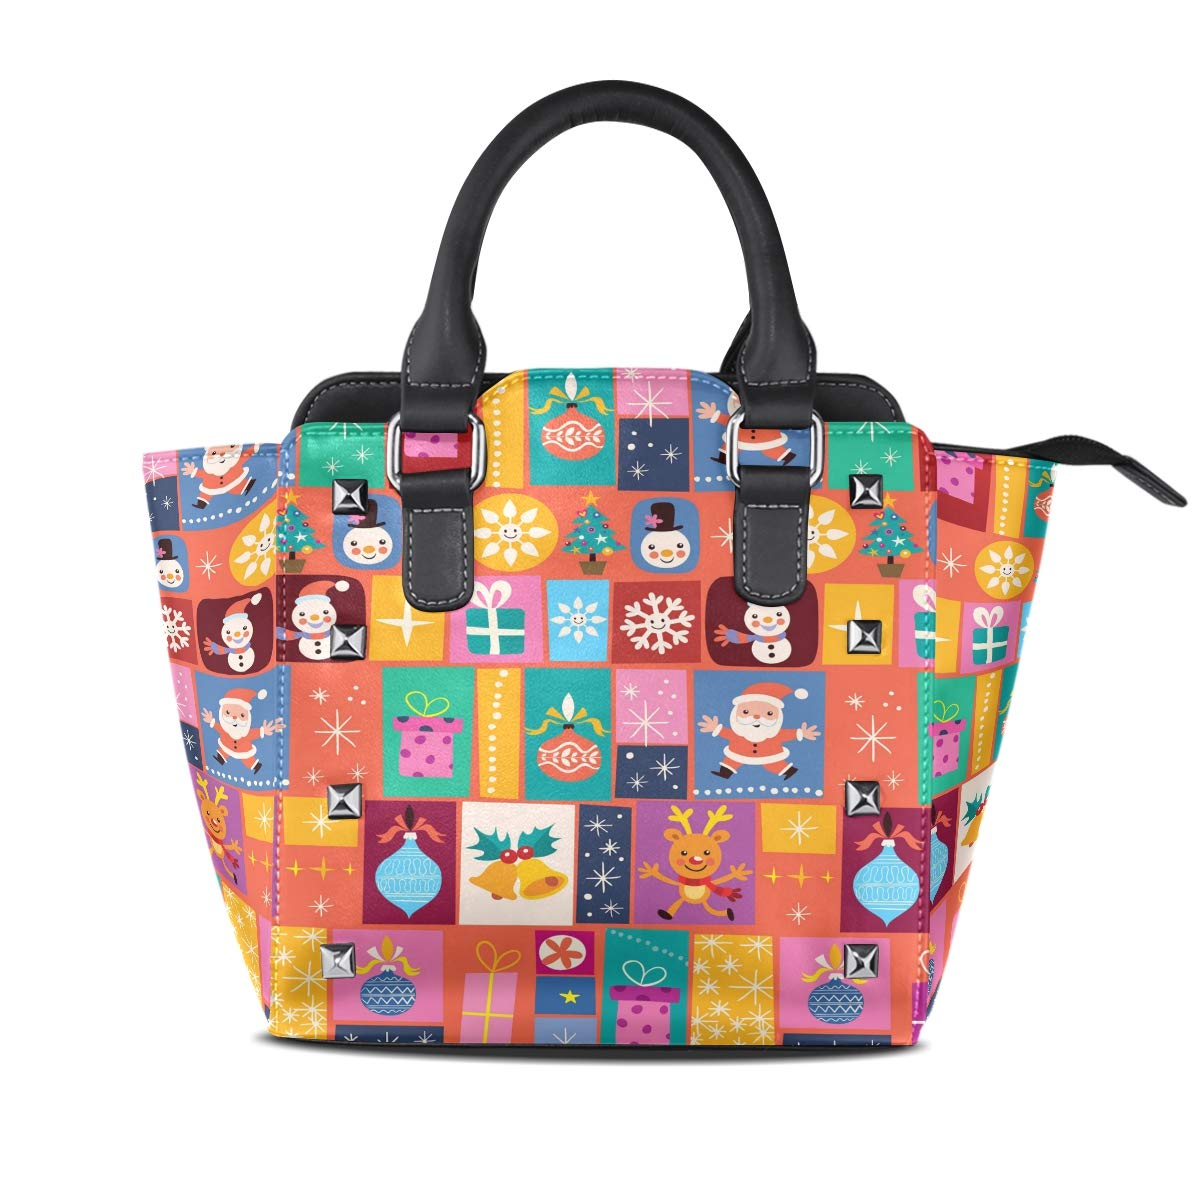 Design5 Handbag Cute Orangutan Genuine Leather Tote Rivet Bag Shoulder Strap Top Handle Women